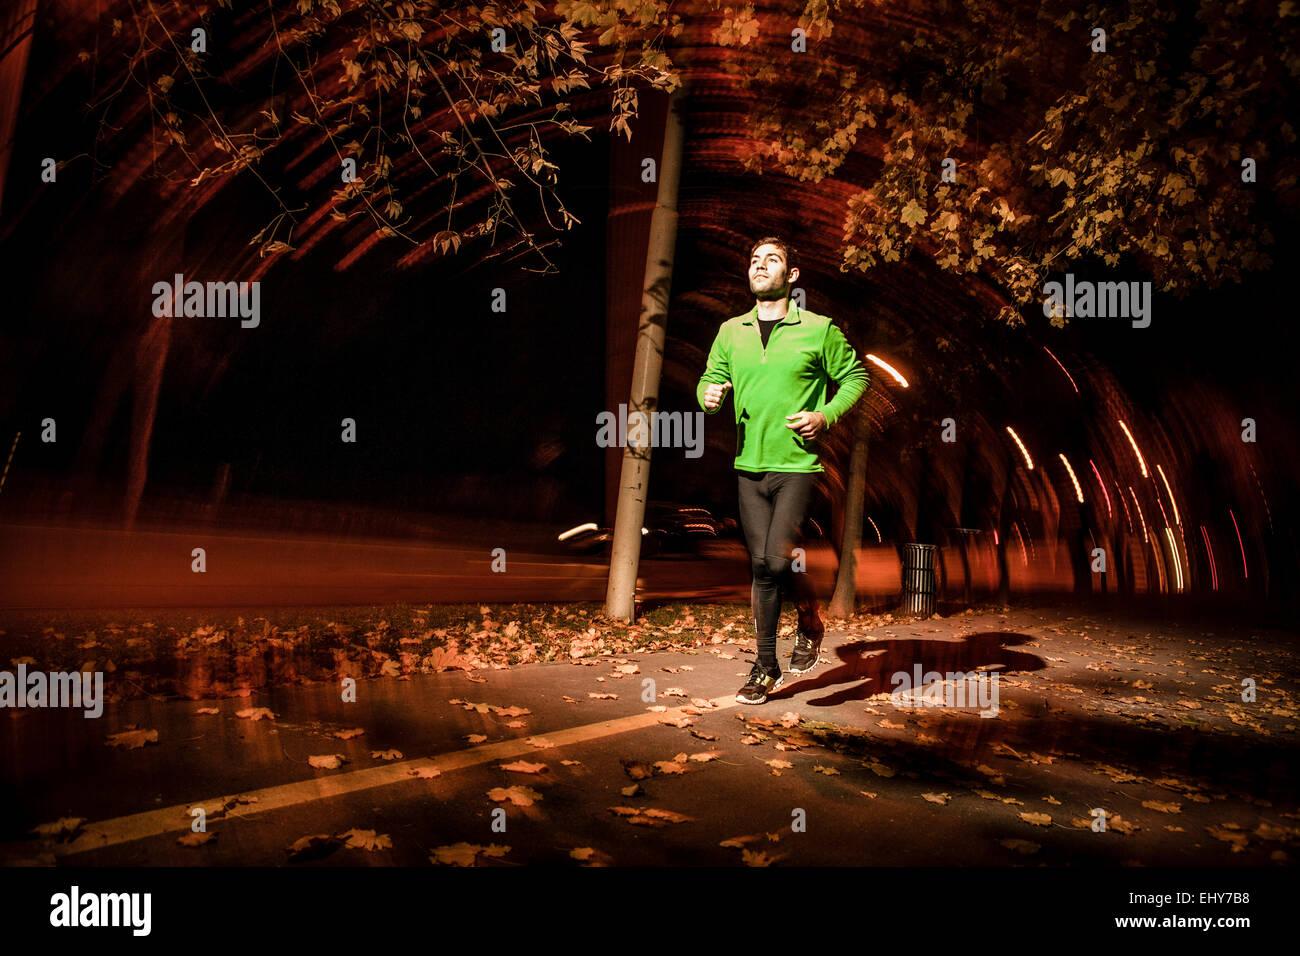 Hombres runner jogging en el parque al atardecer Imagen De Stock